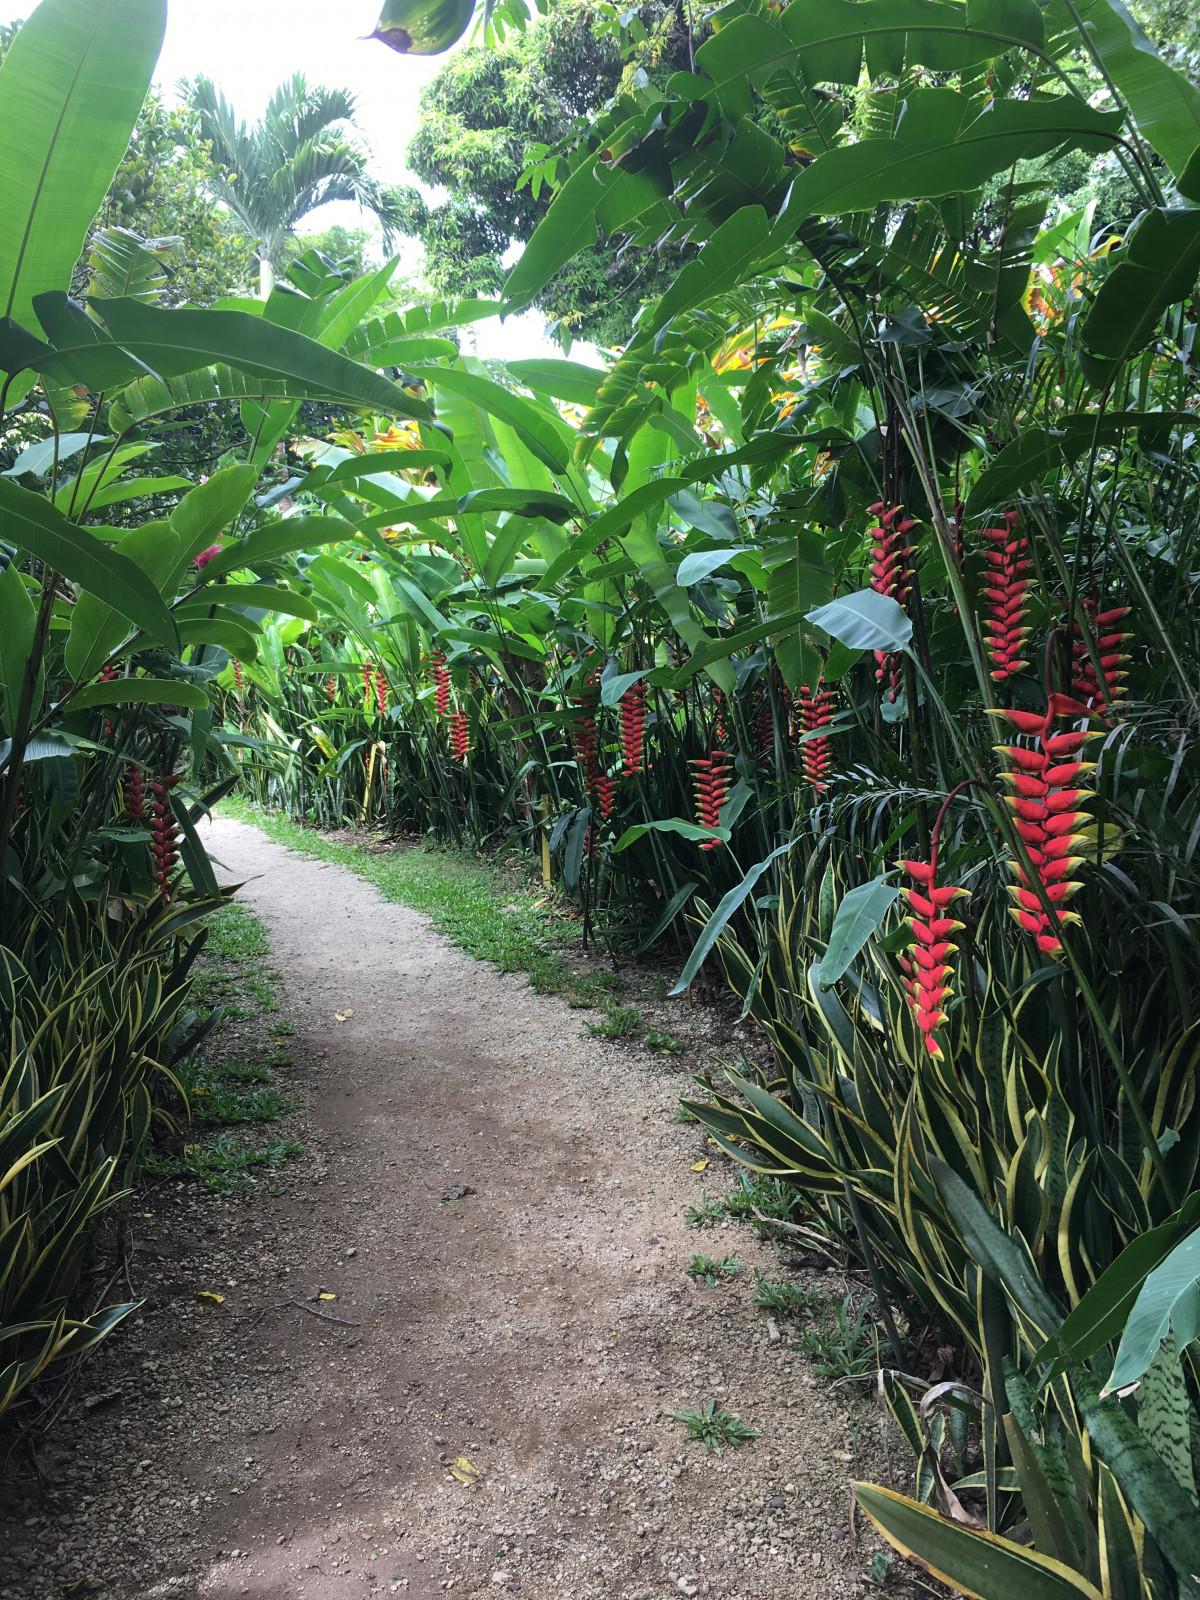 Baum Pflanze Blume Dschungel Botanik Garten